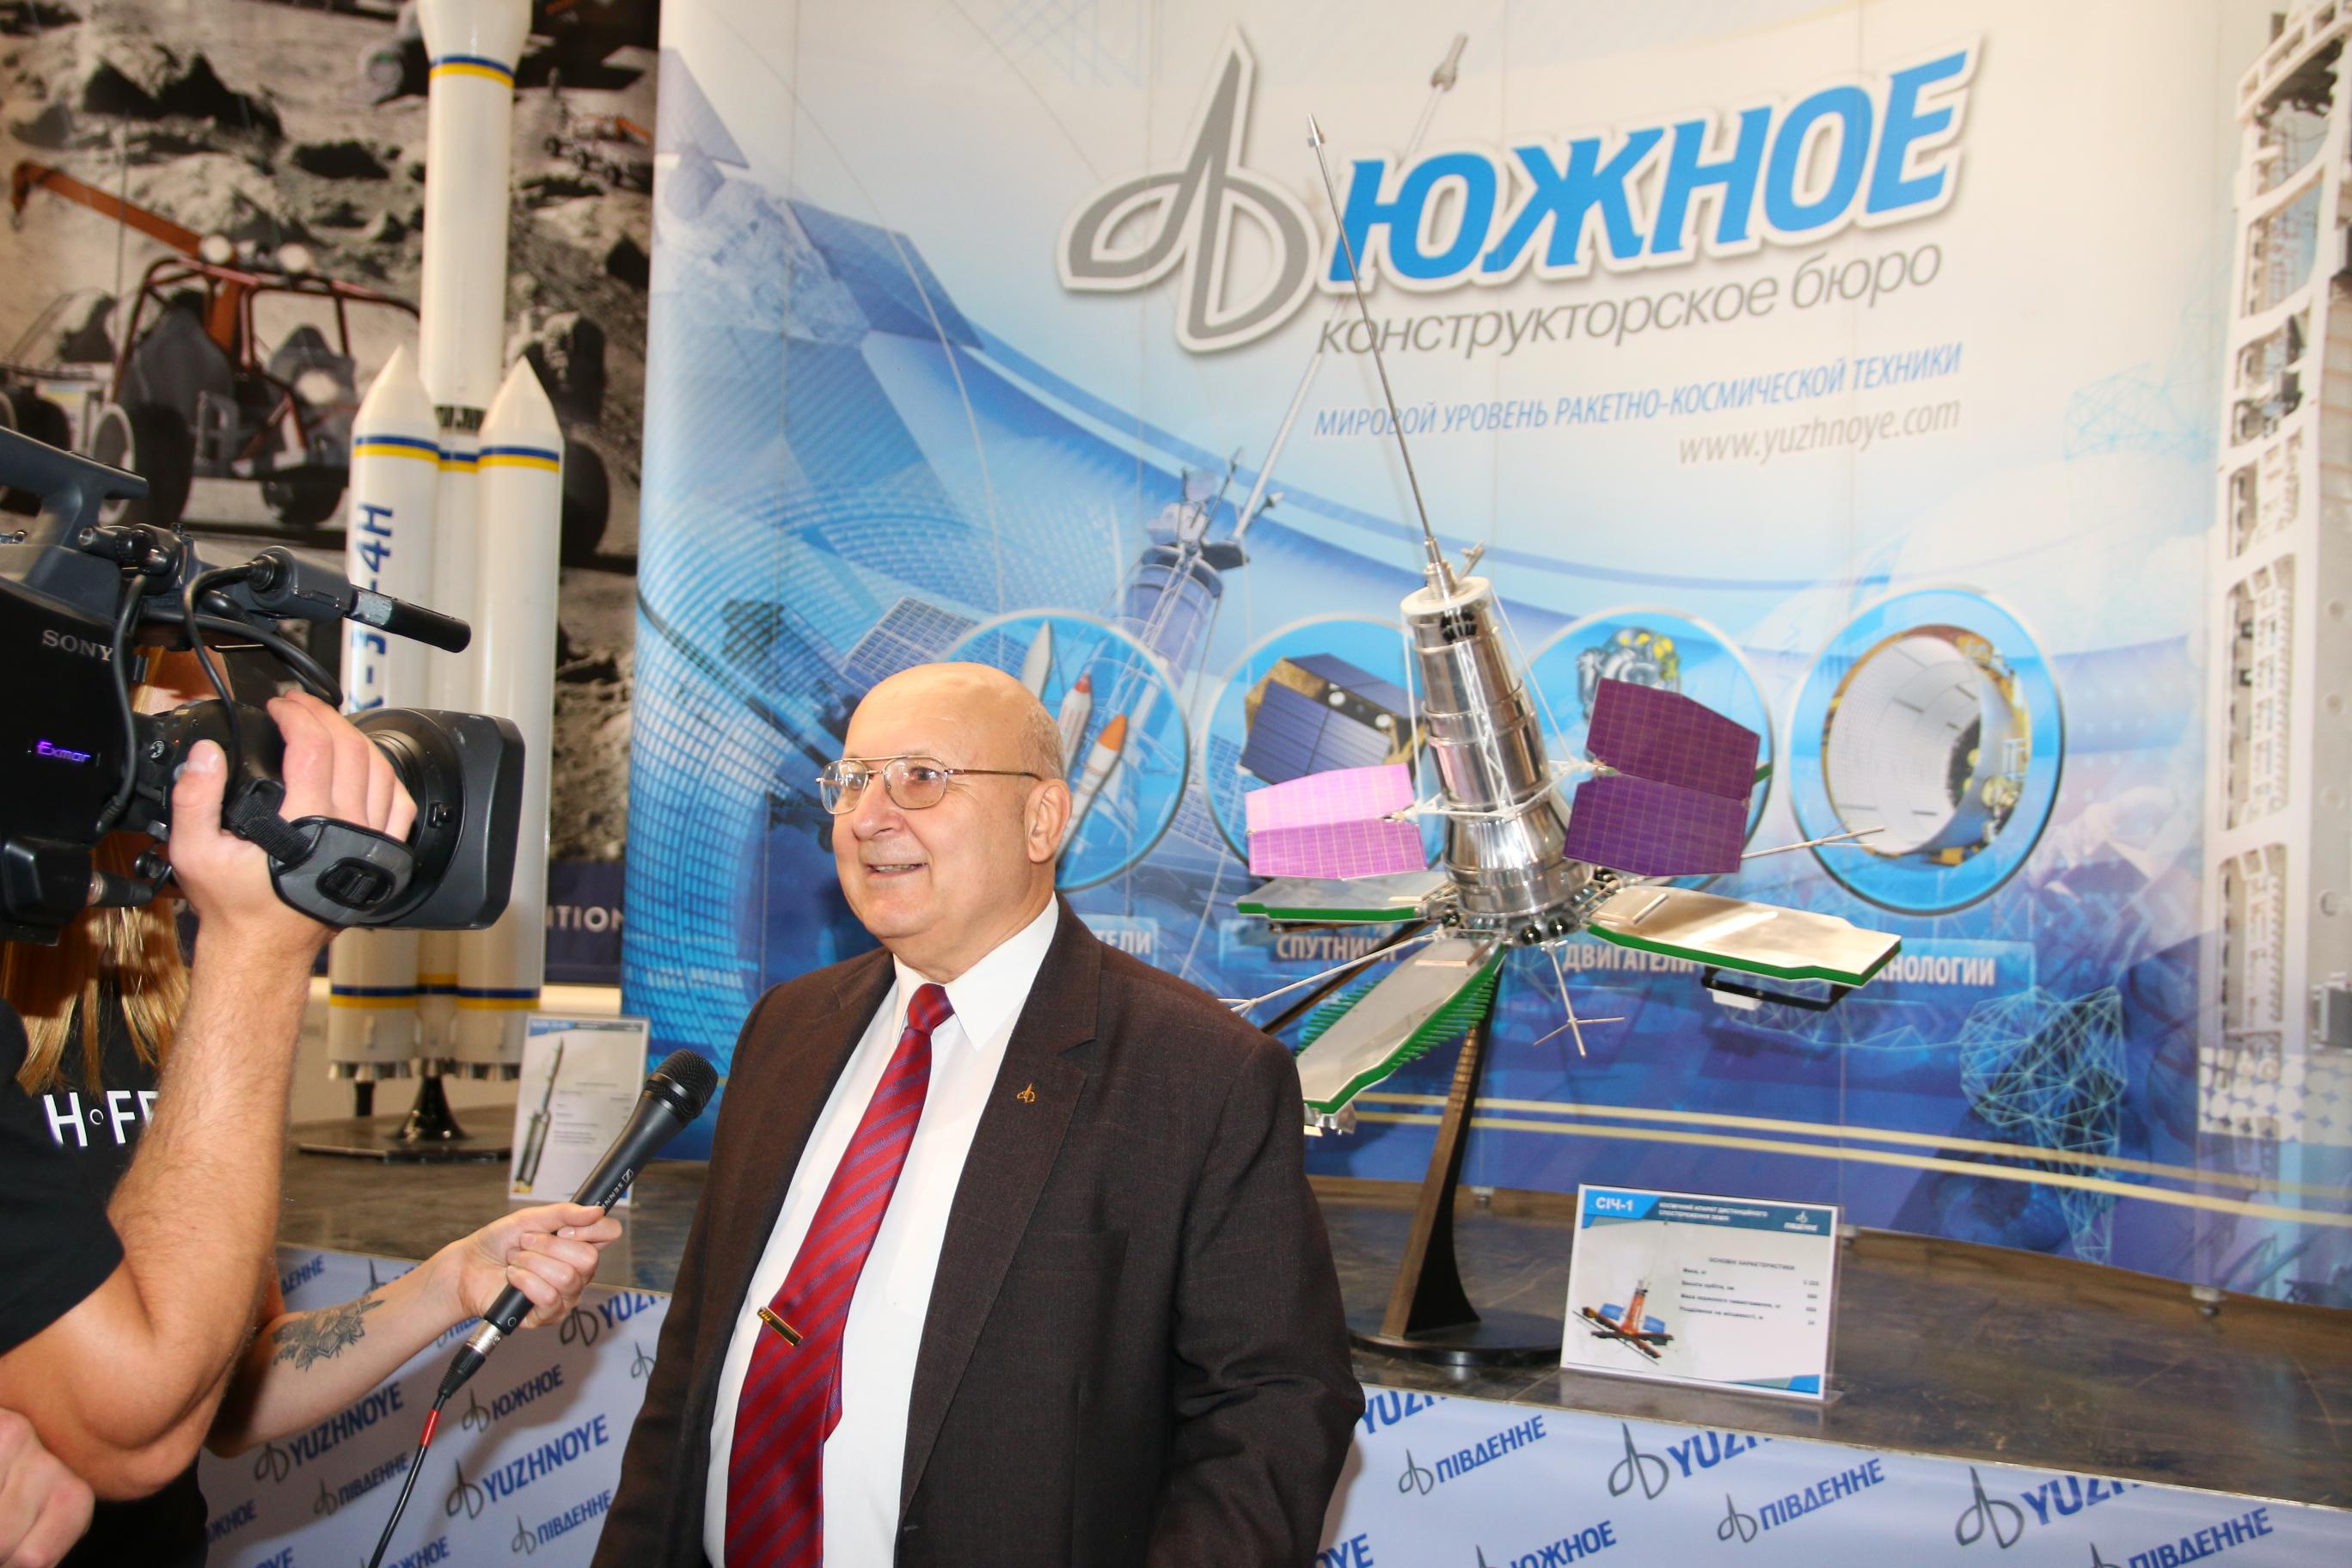 Александр Логинов, КБ «Южное»: Мы знаем, что украинская ракета «Зенит» лучше Falcon Маска